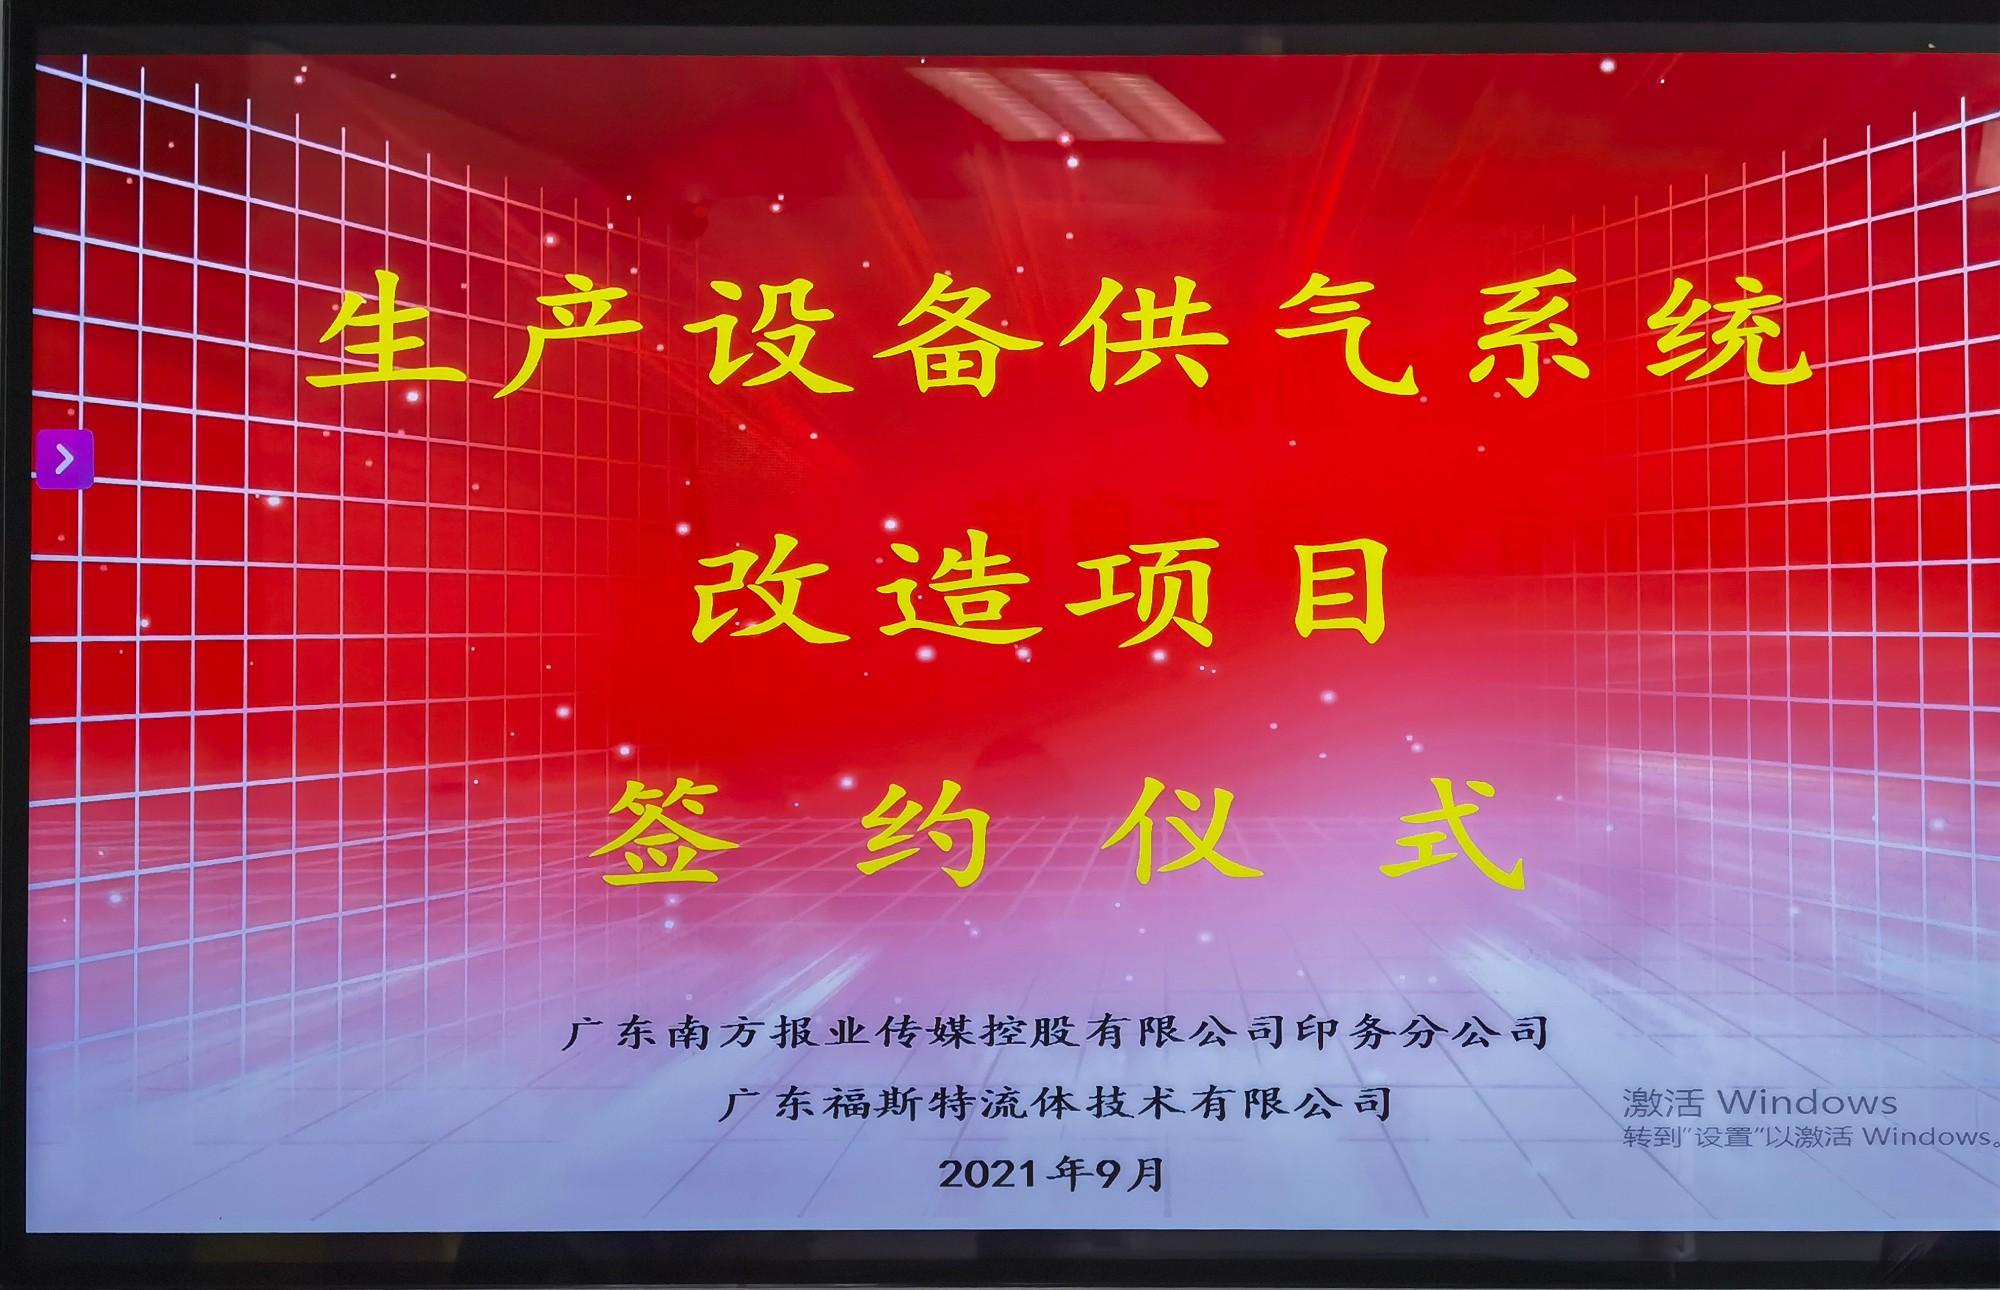 廣東福斯特流體技術有限公司與廣東南方報業傳媒控股有限公司舉行簽約儀式